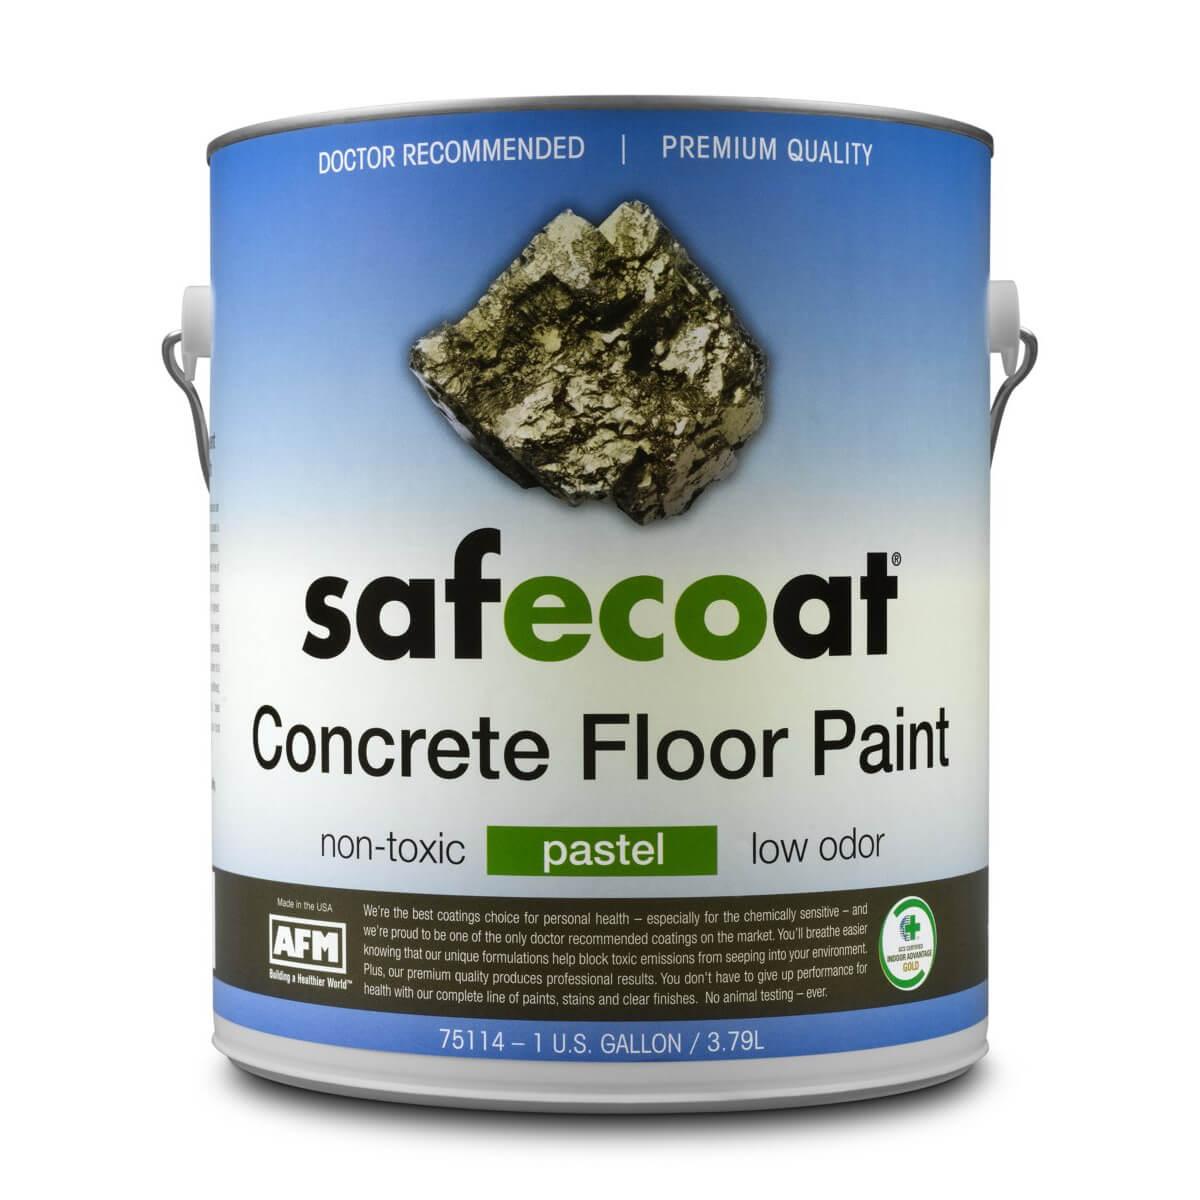 Afm Safecoat Concrete floor paint